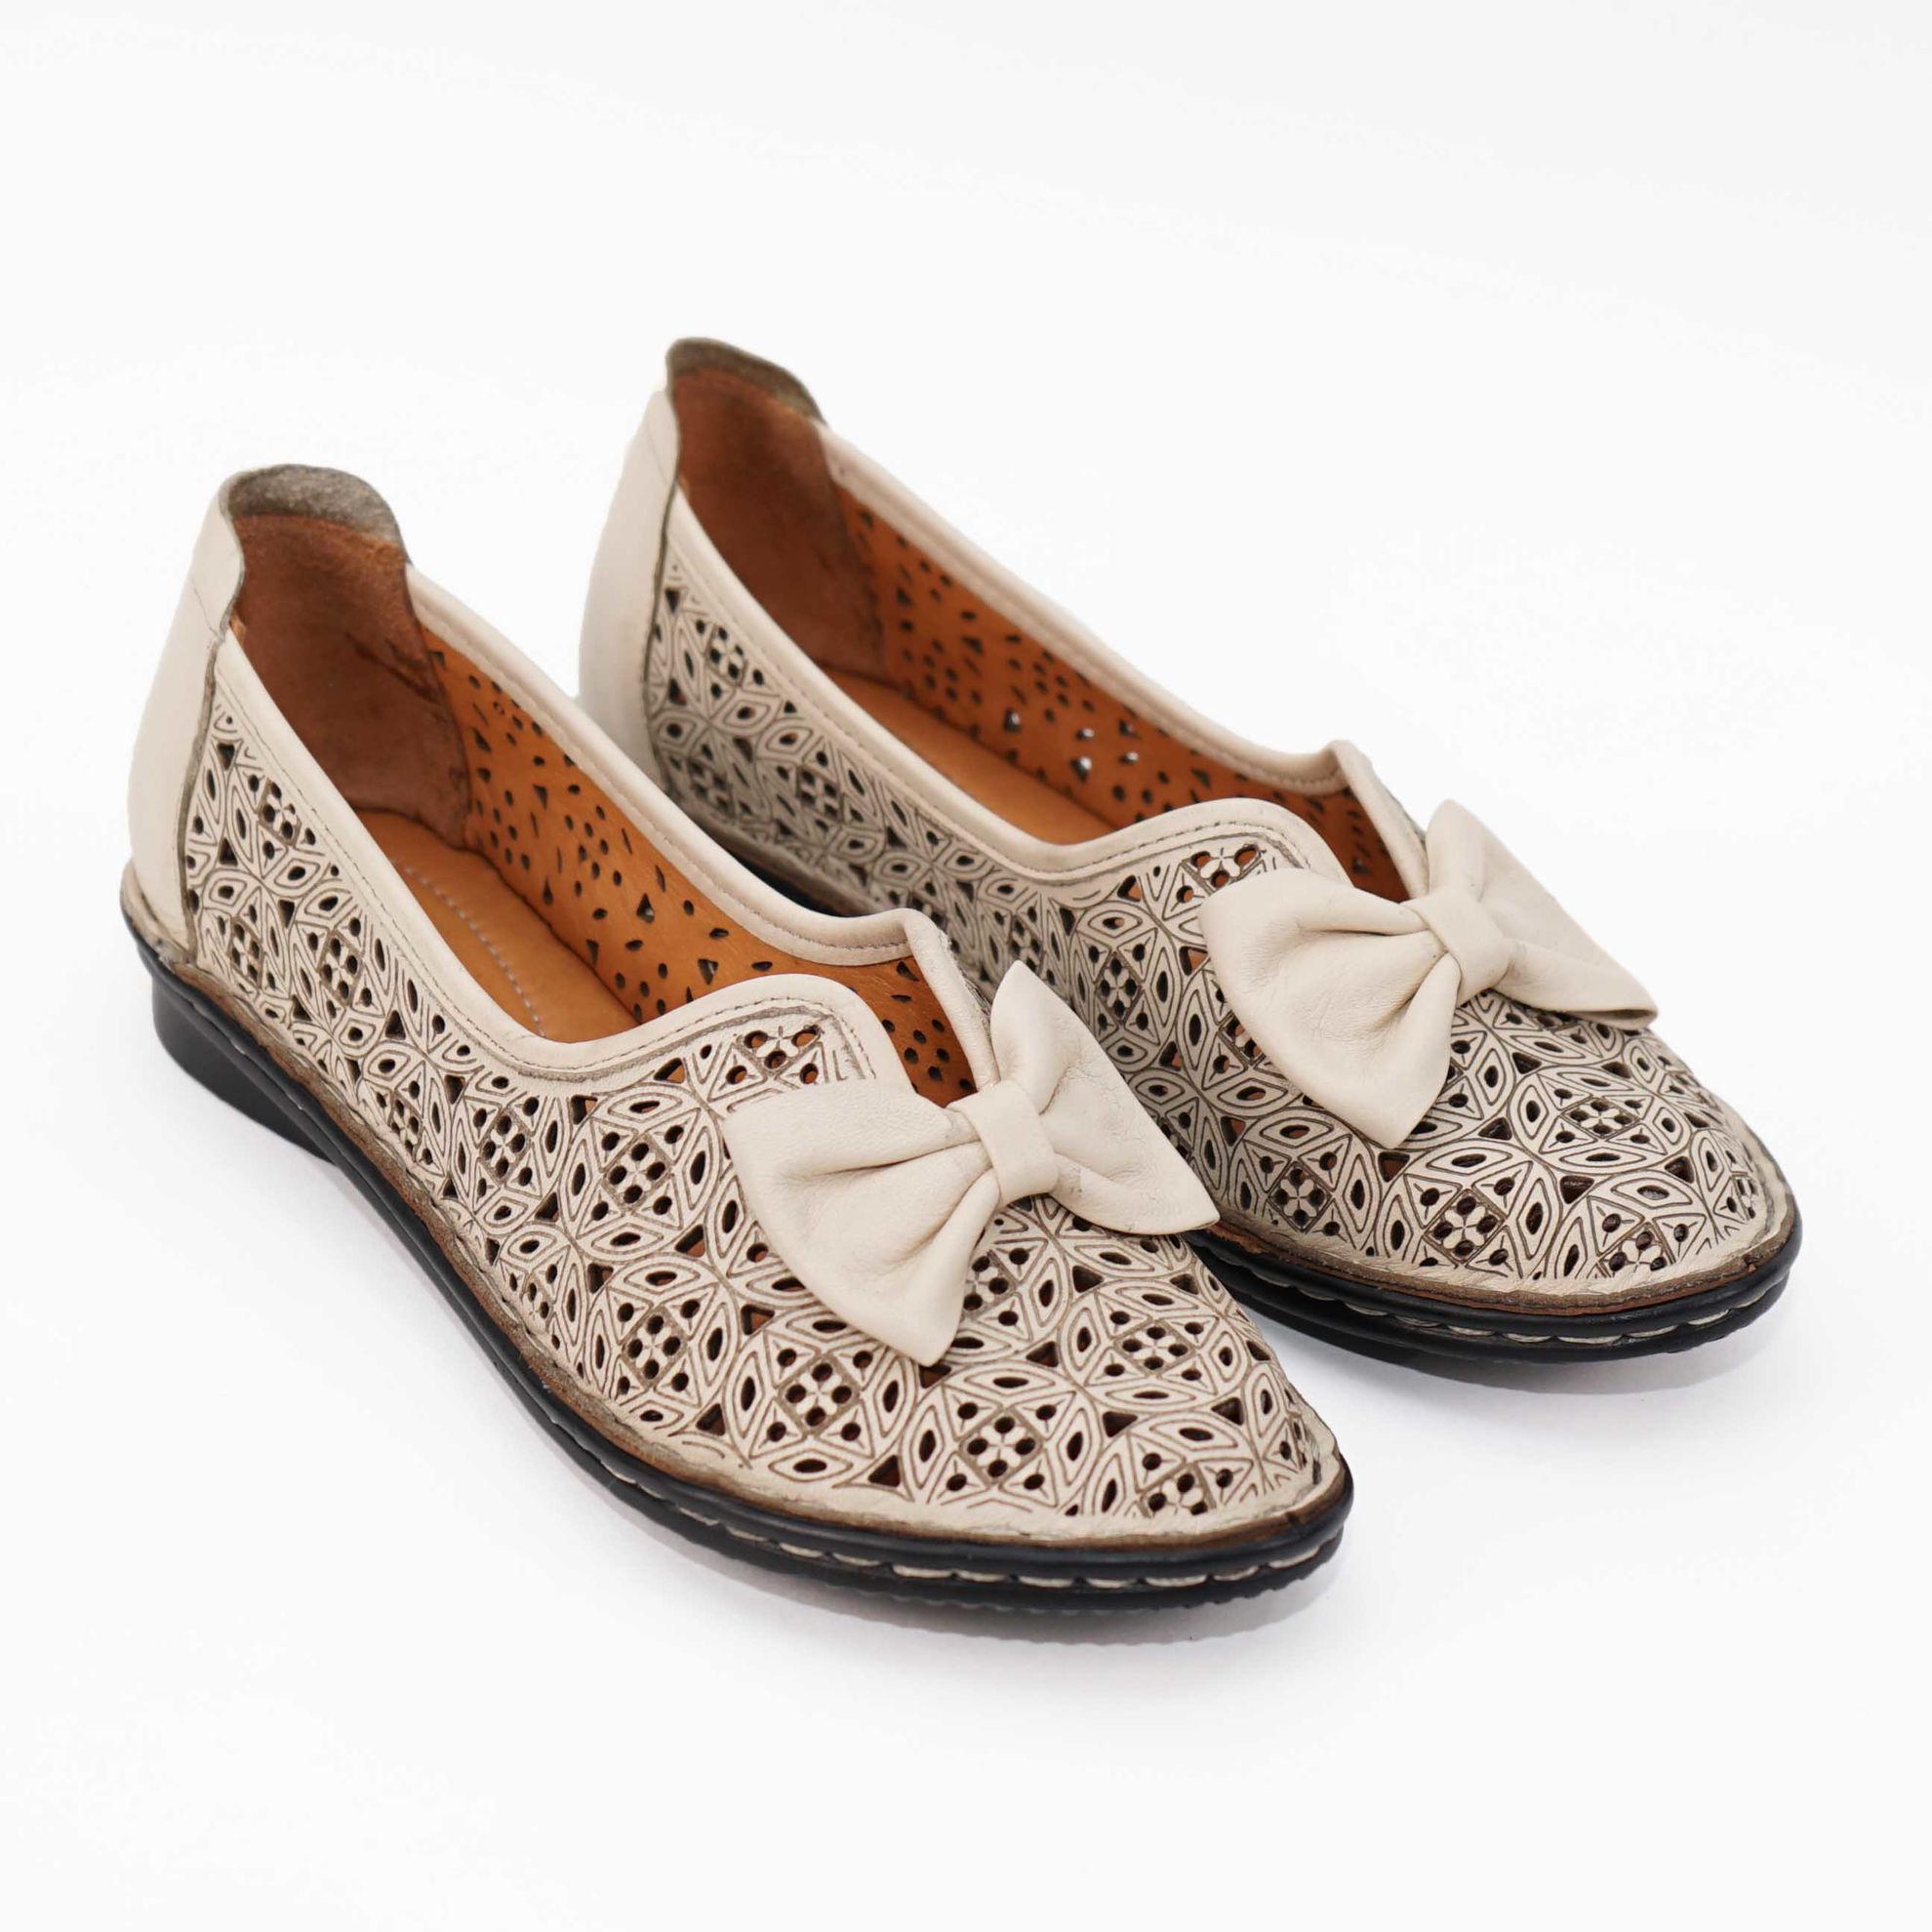 Imagine Pantofi perforati damă piele naturală T 1000 bej